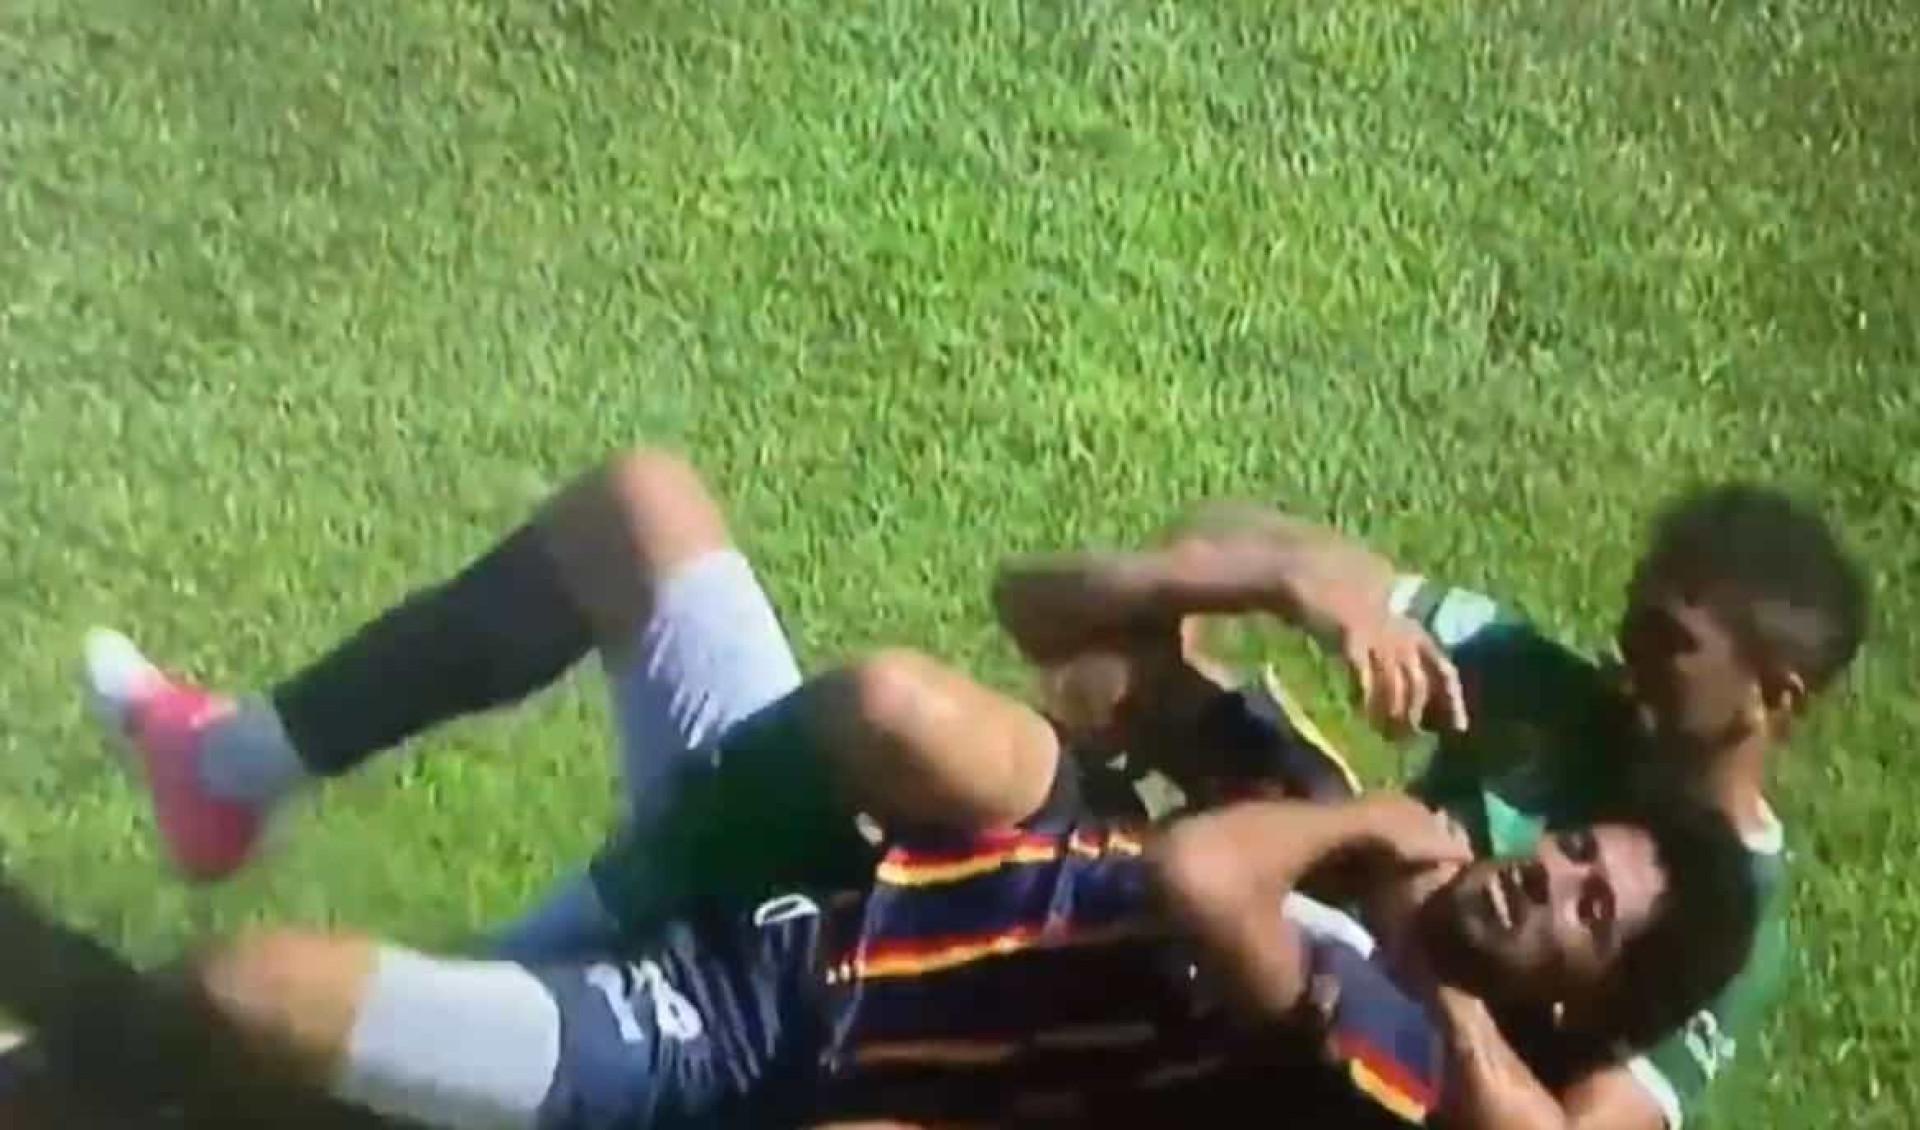 O impensável aconteceu na Argentina: Jogador tenta estrangular adversário